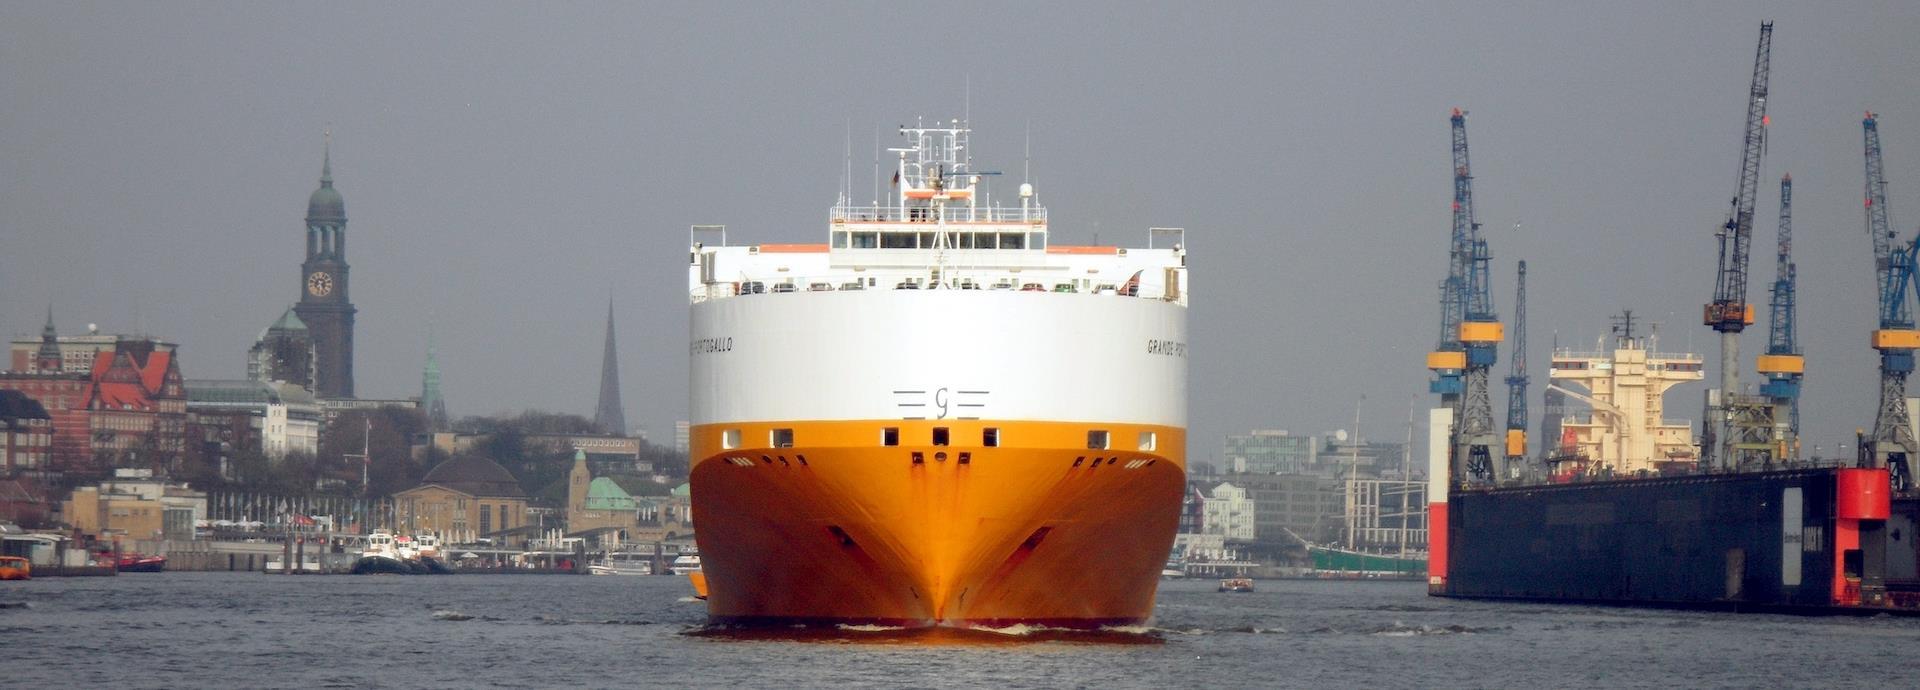 Grimaldi Ro-Ro ship the Grande Portogallo